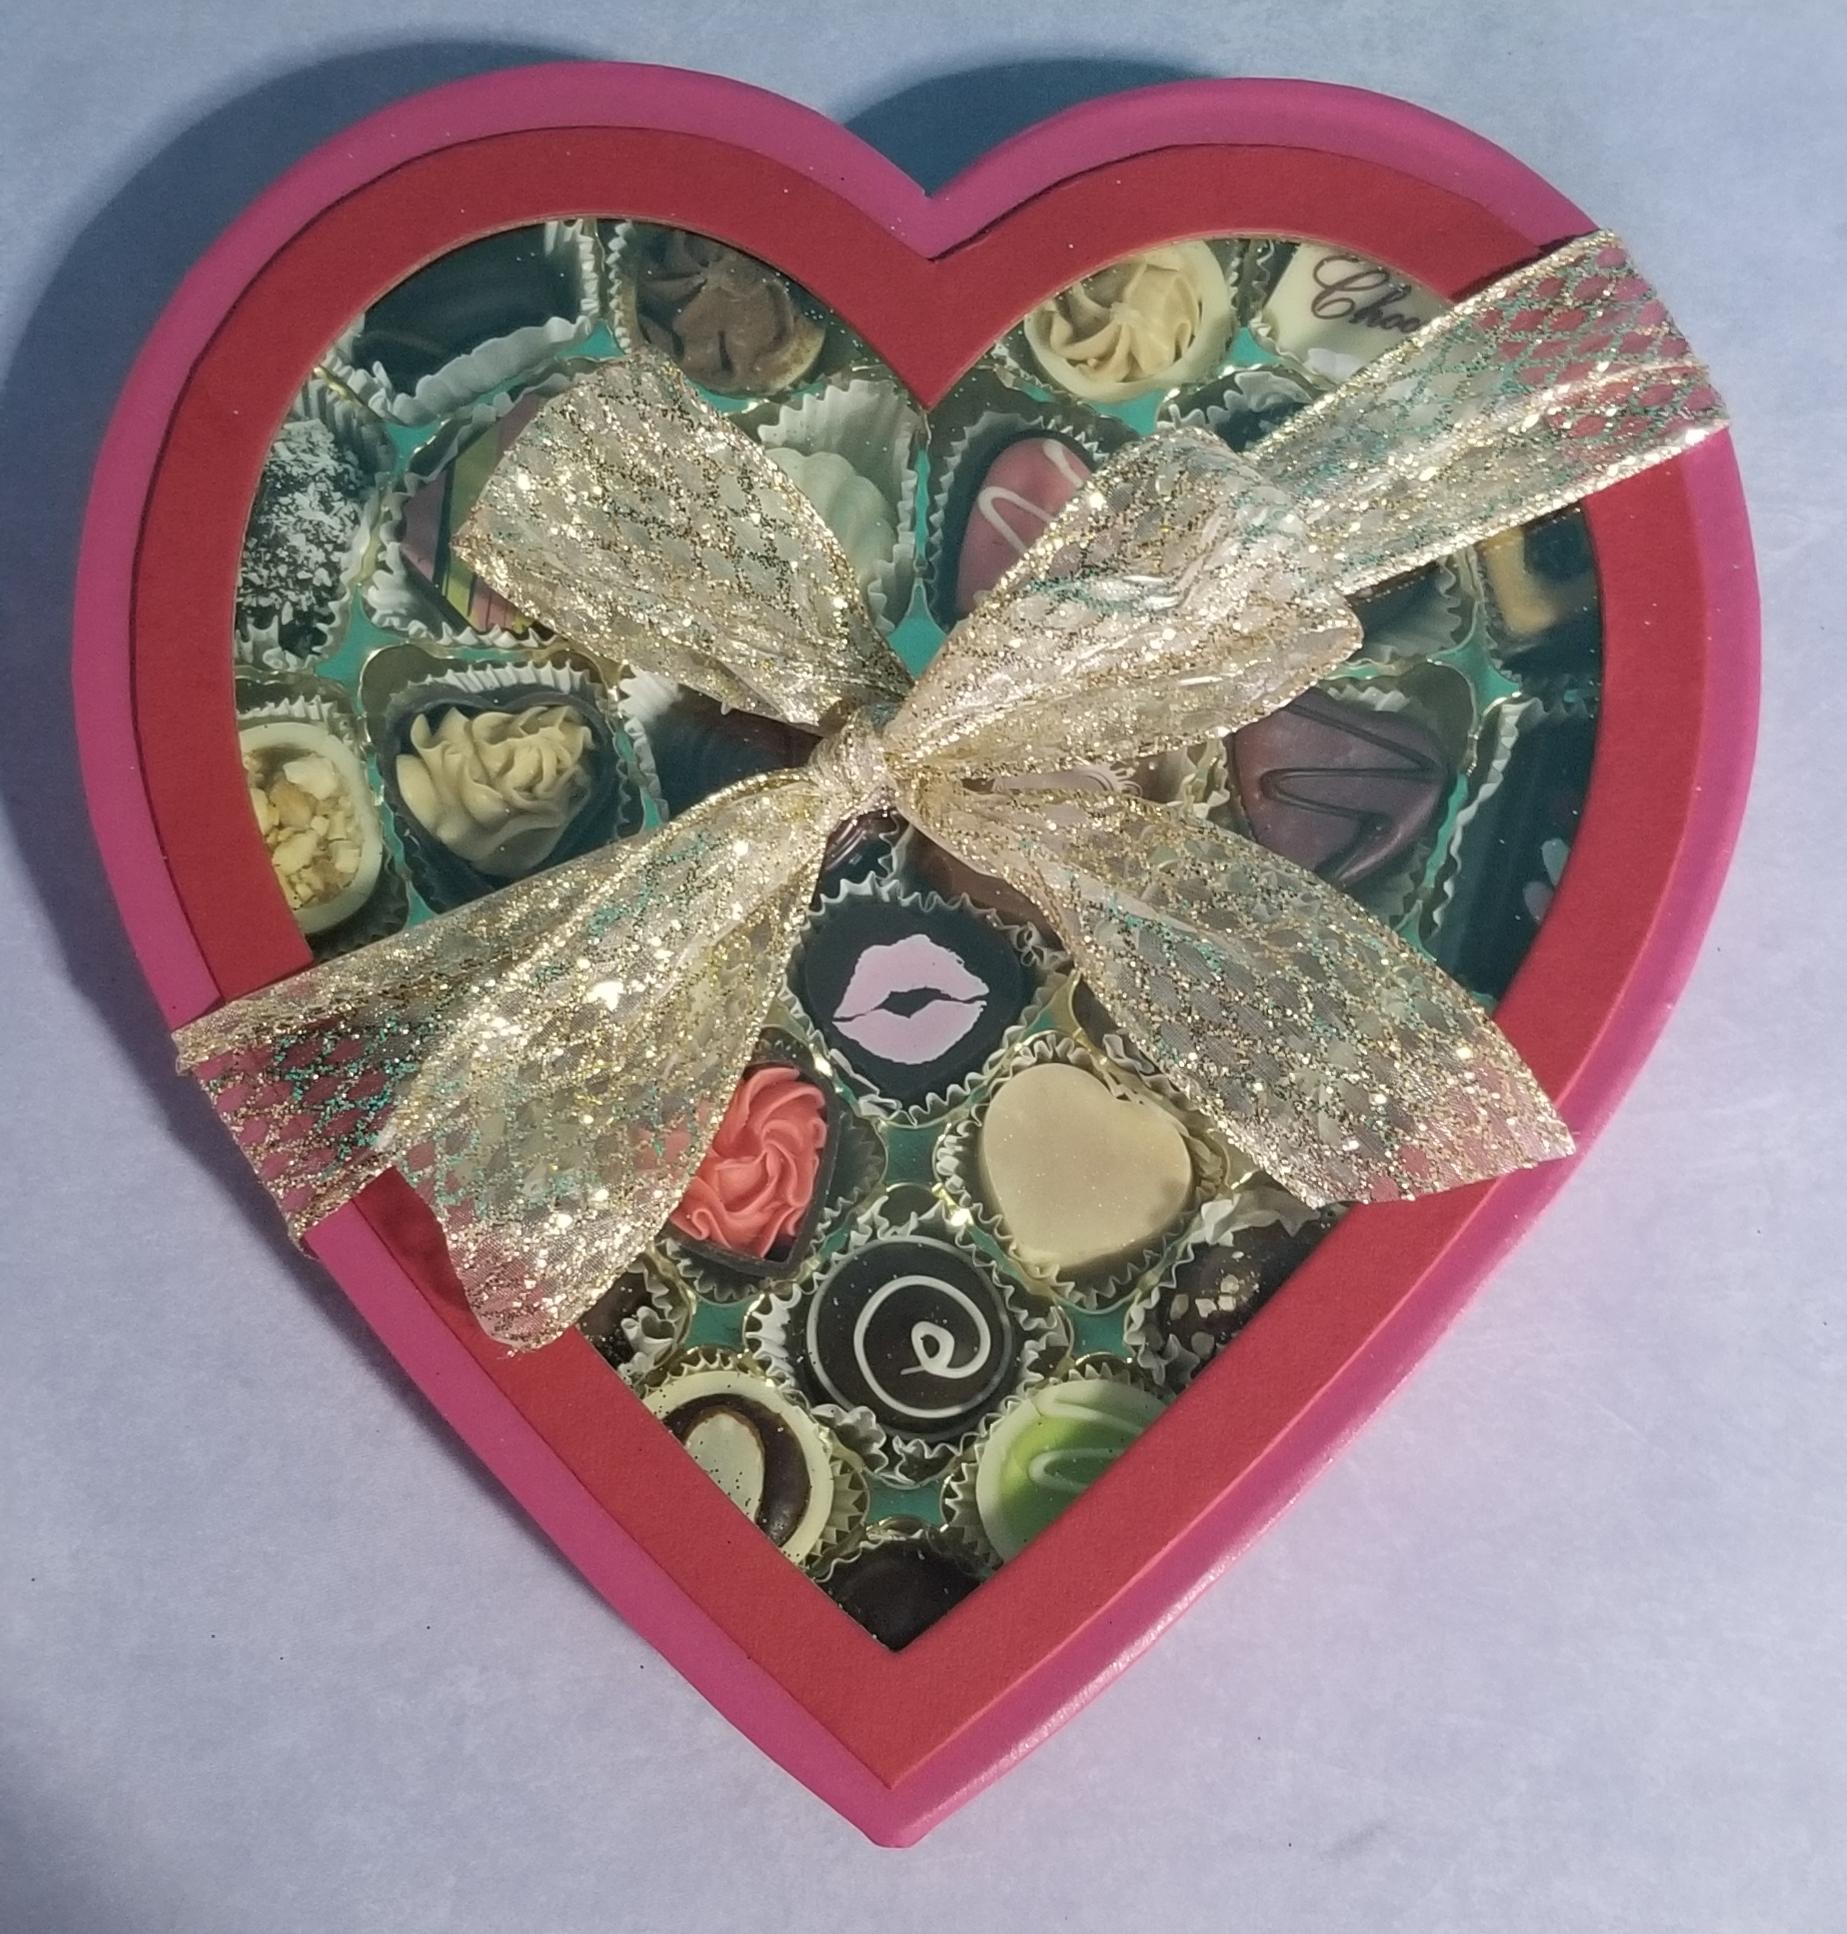 29 Piece Valentine Heart Box